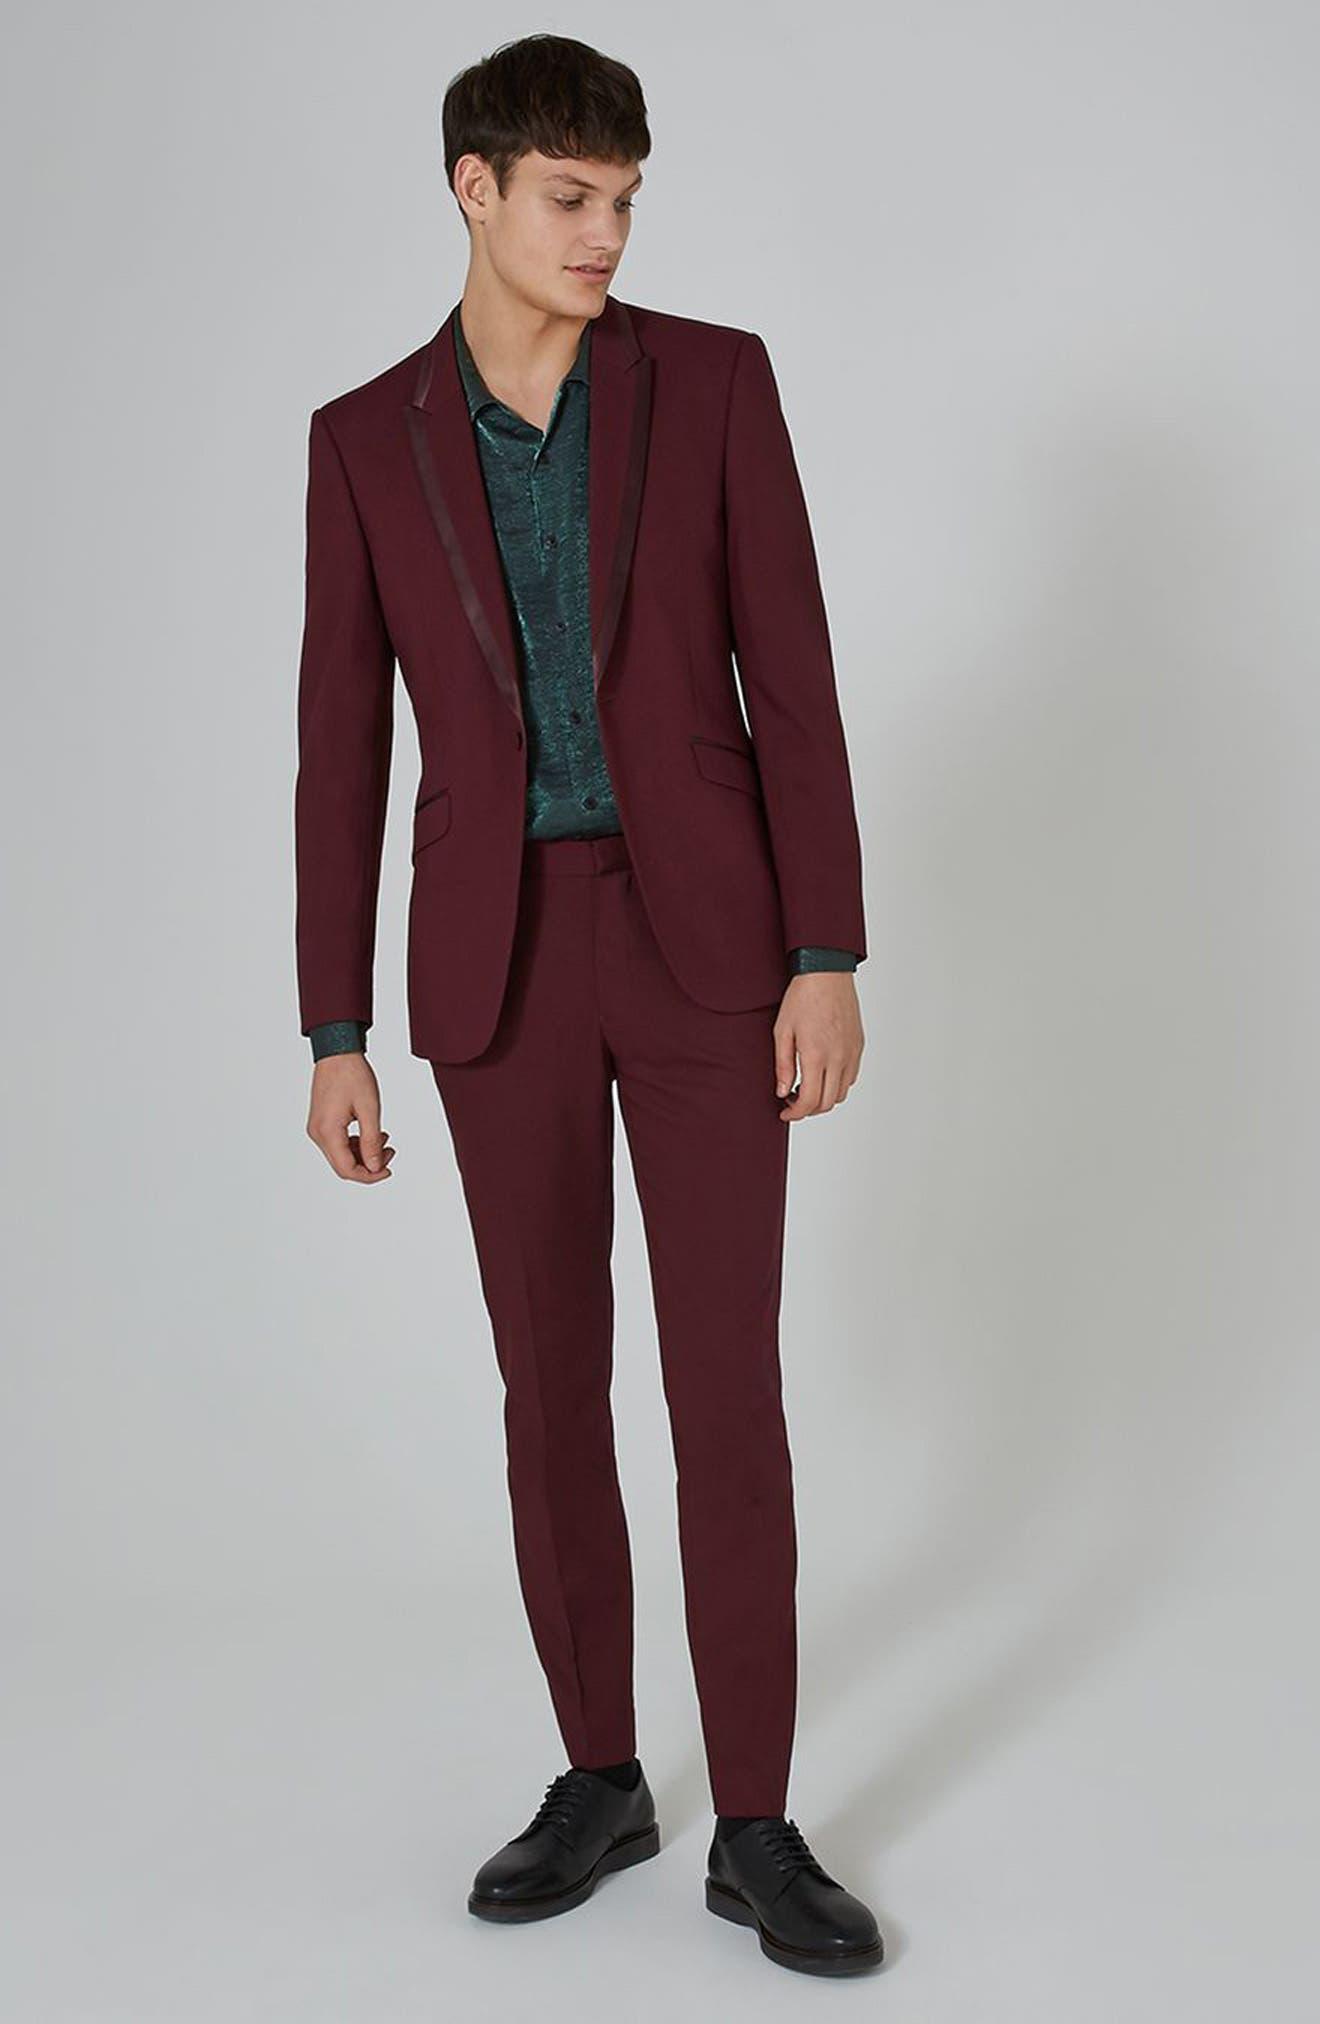 Topman Skinny Fit Tuxedo Jacket & Trousers